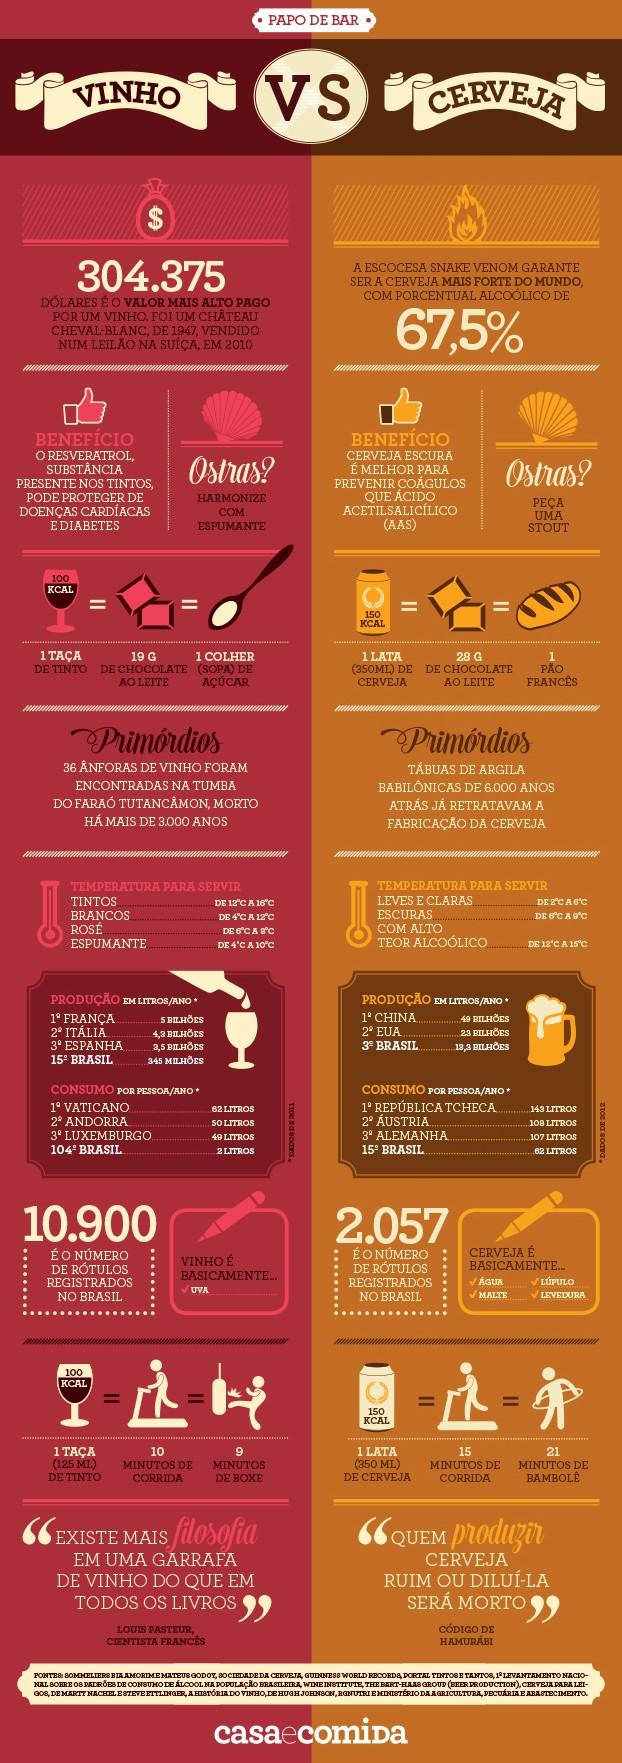 Cerveja e vinho (Foto: Márcia Evangelista)